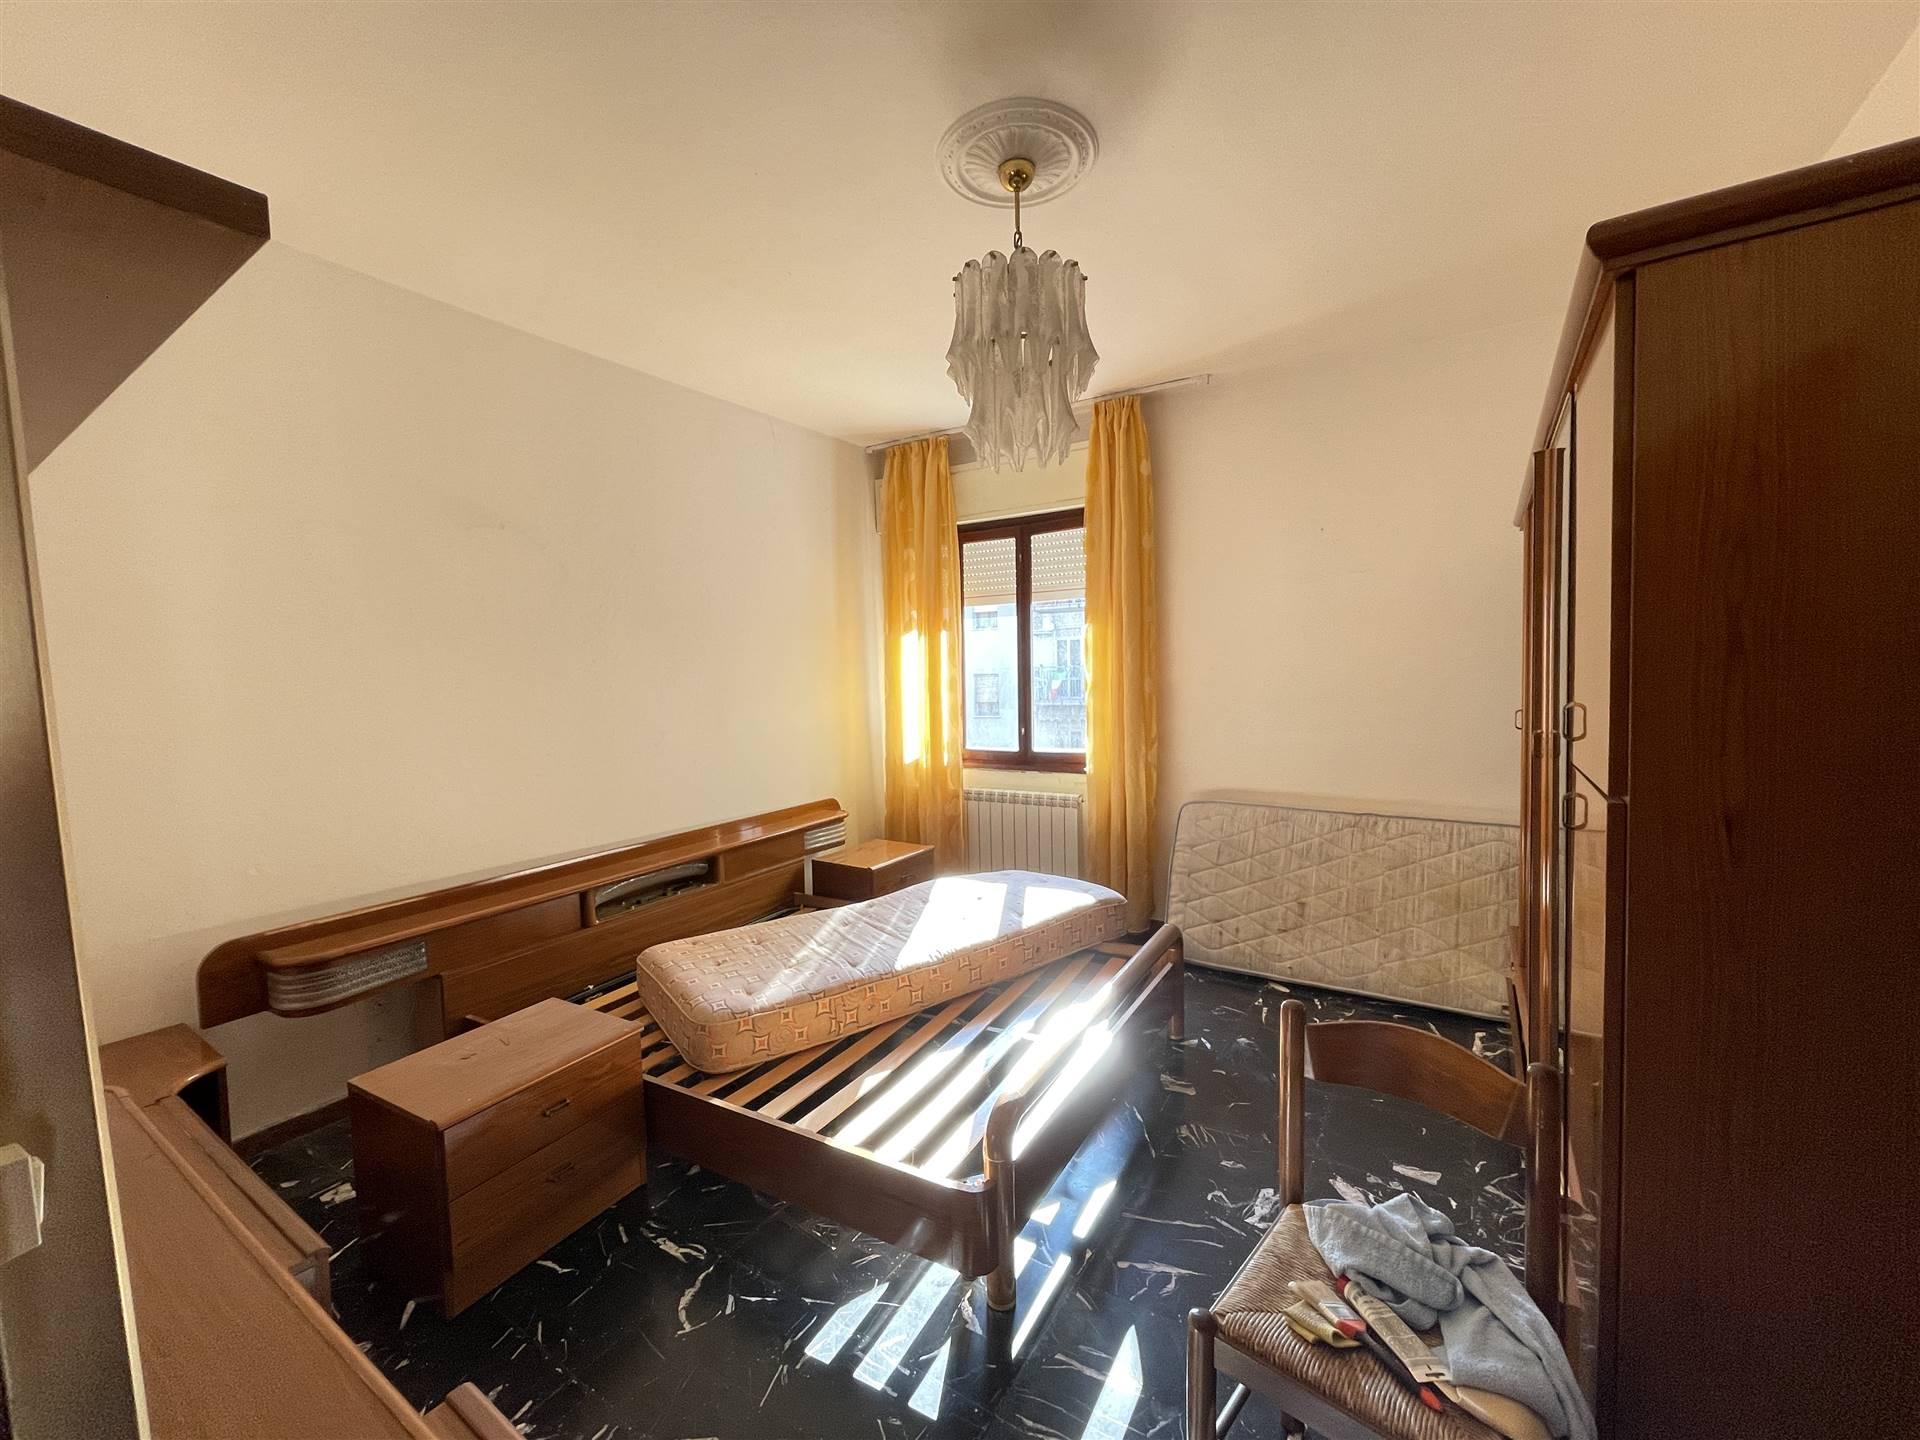 Rif. 3058 CHIOGGIA ZONA CAMPO MARCONI - Appartamento al Secondo piano di una palazzina anni '70 nel Centro di Chioggia fuori da acqua alta, macchine,